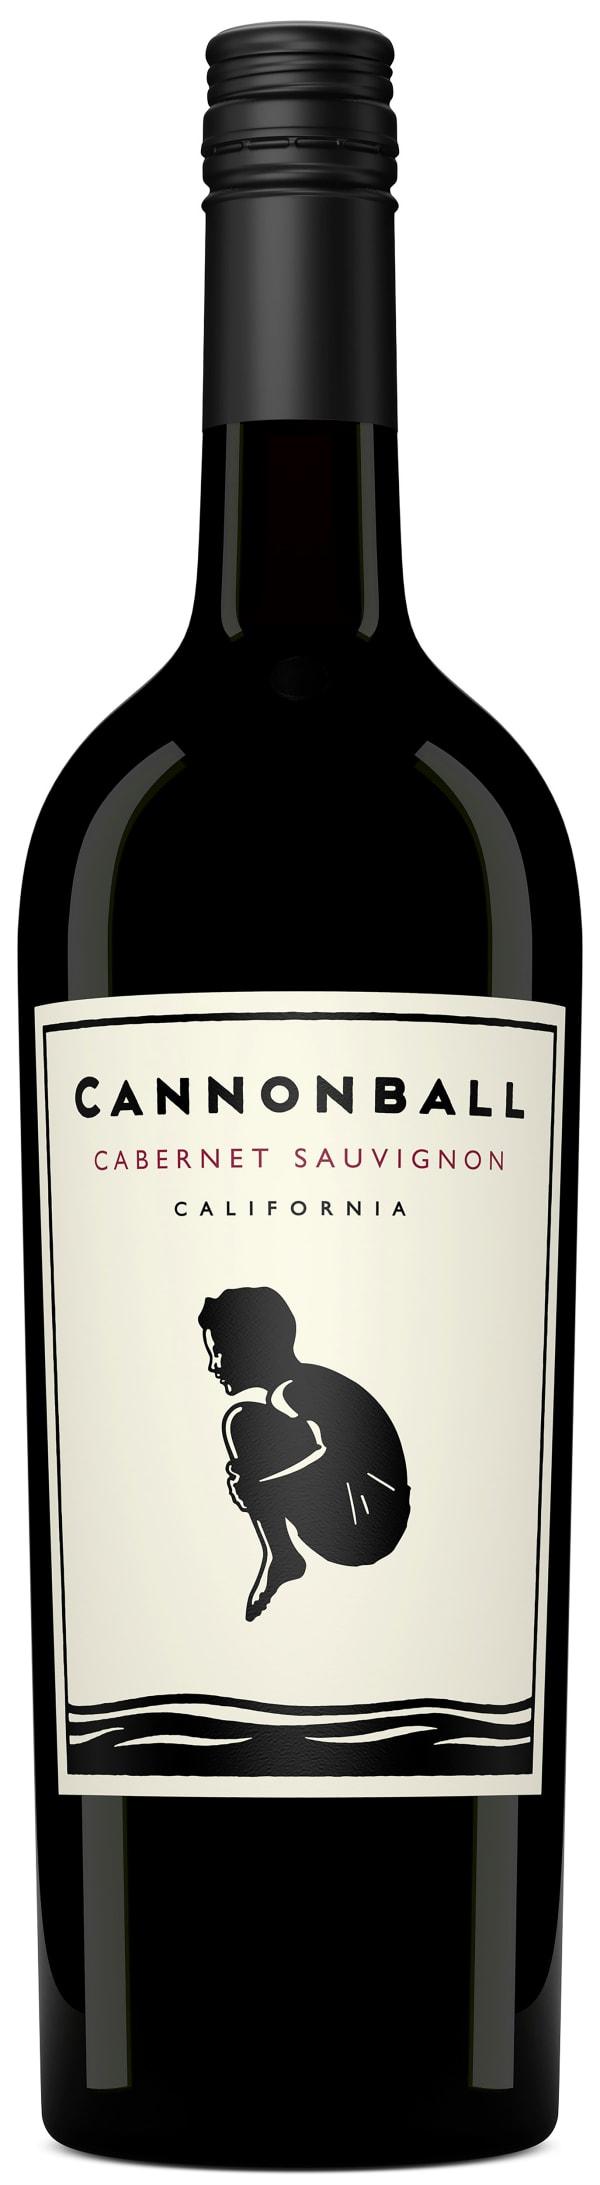 Cannonball Cabernet Sauvignon 2014